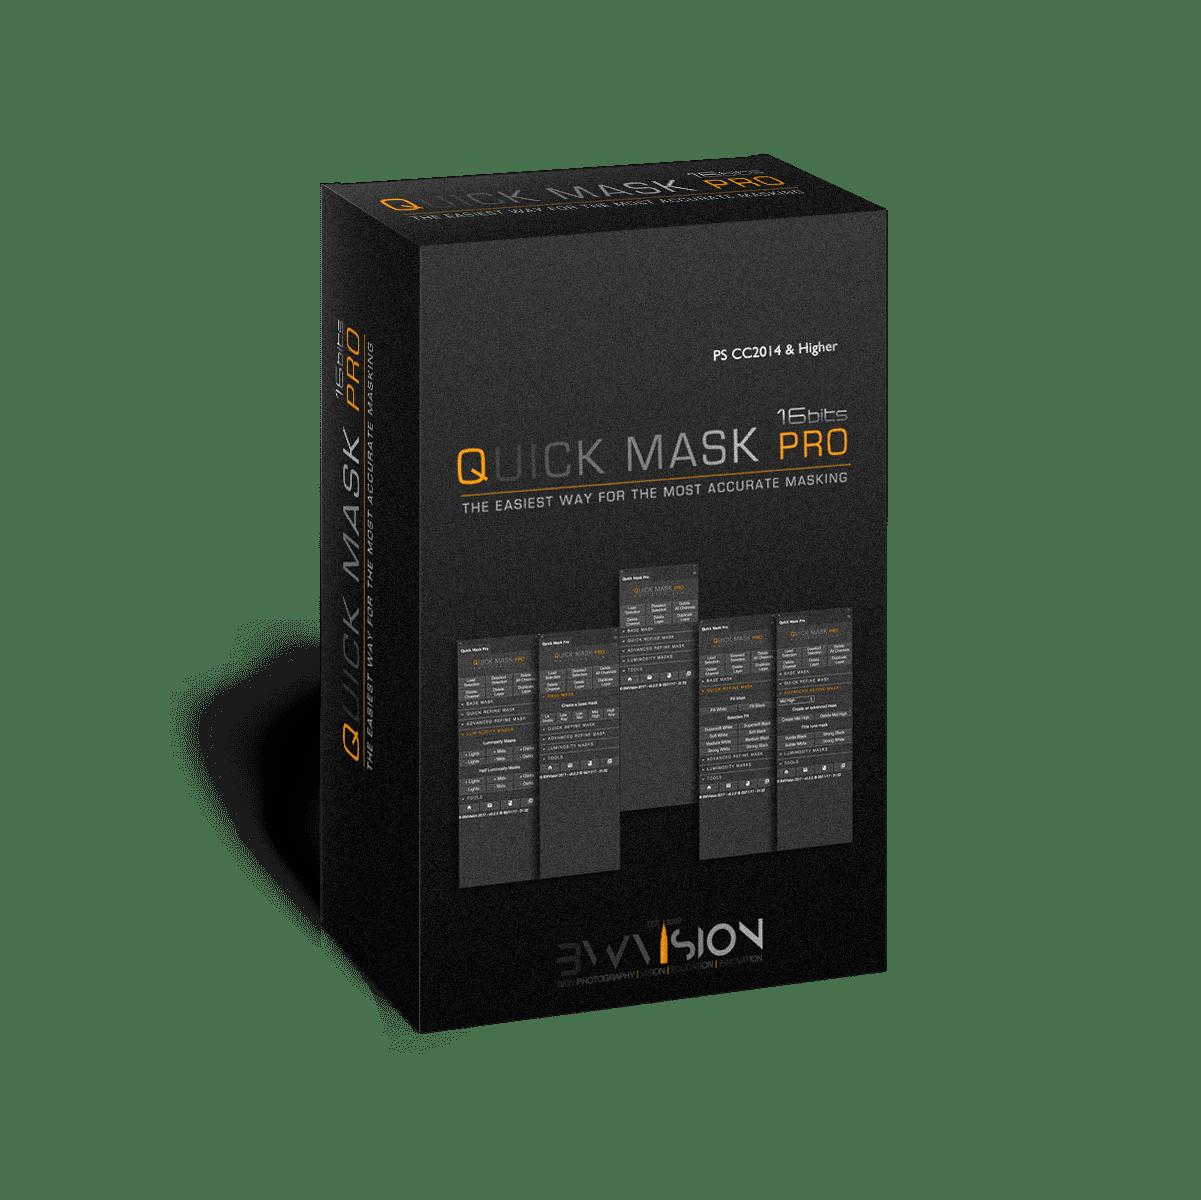 Quick mask pro panel for photoshop masking software